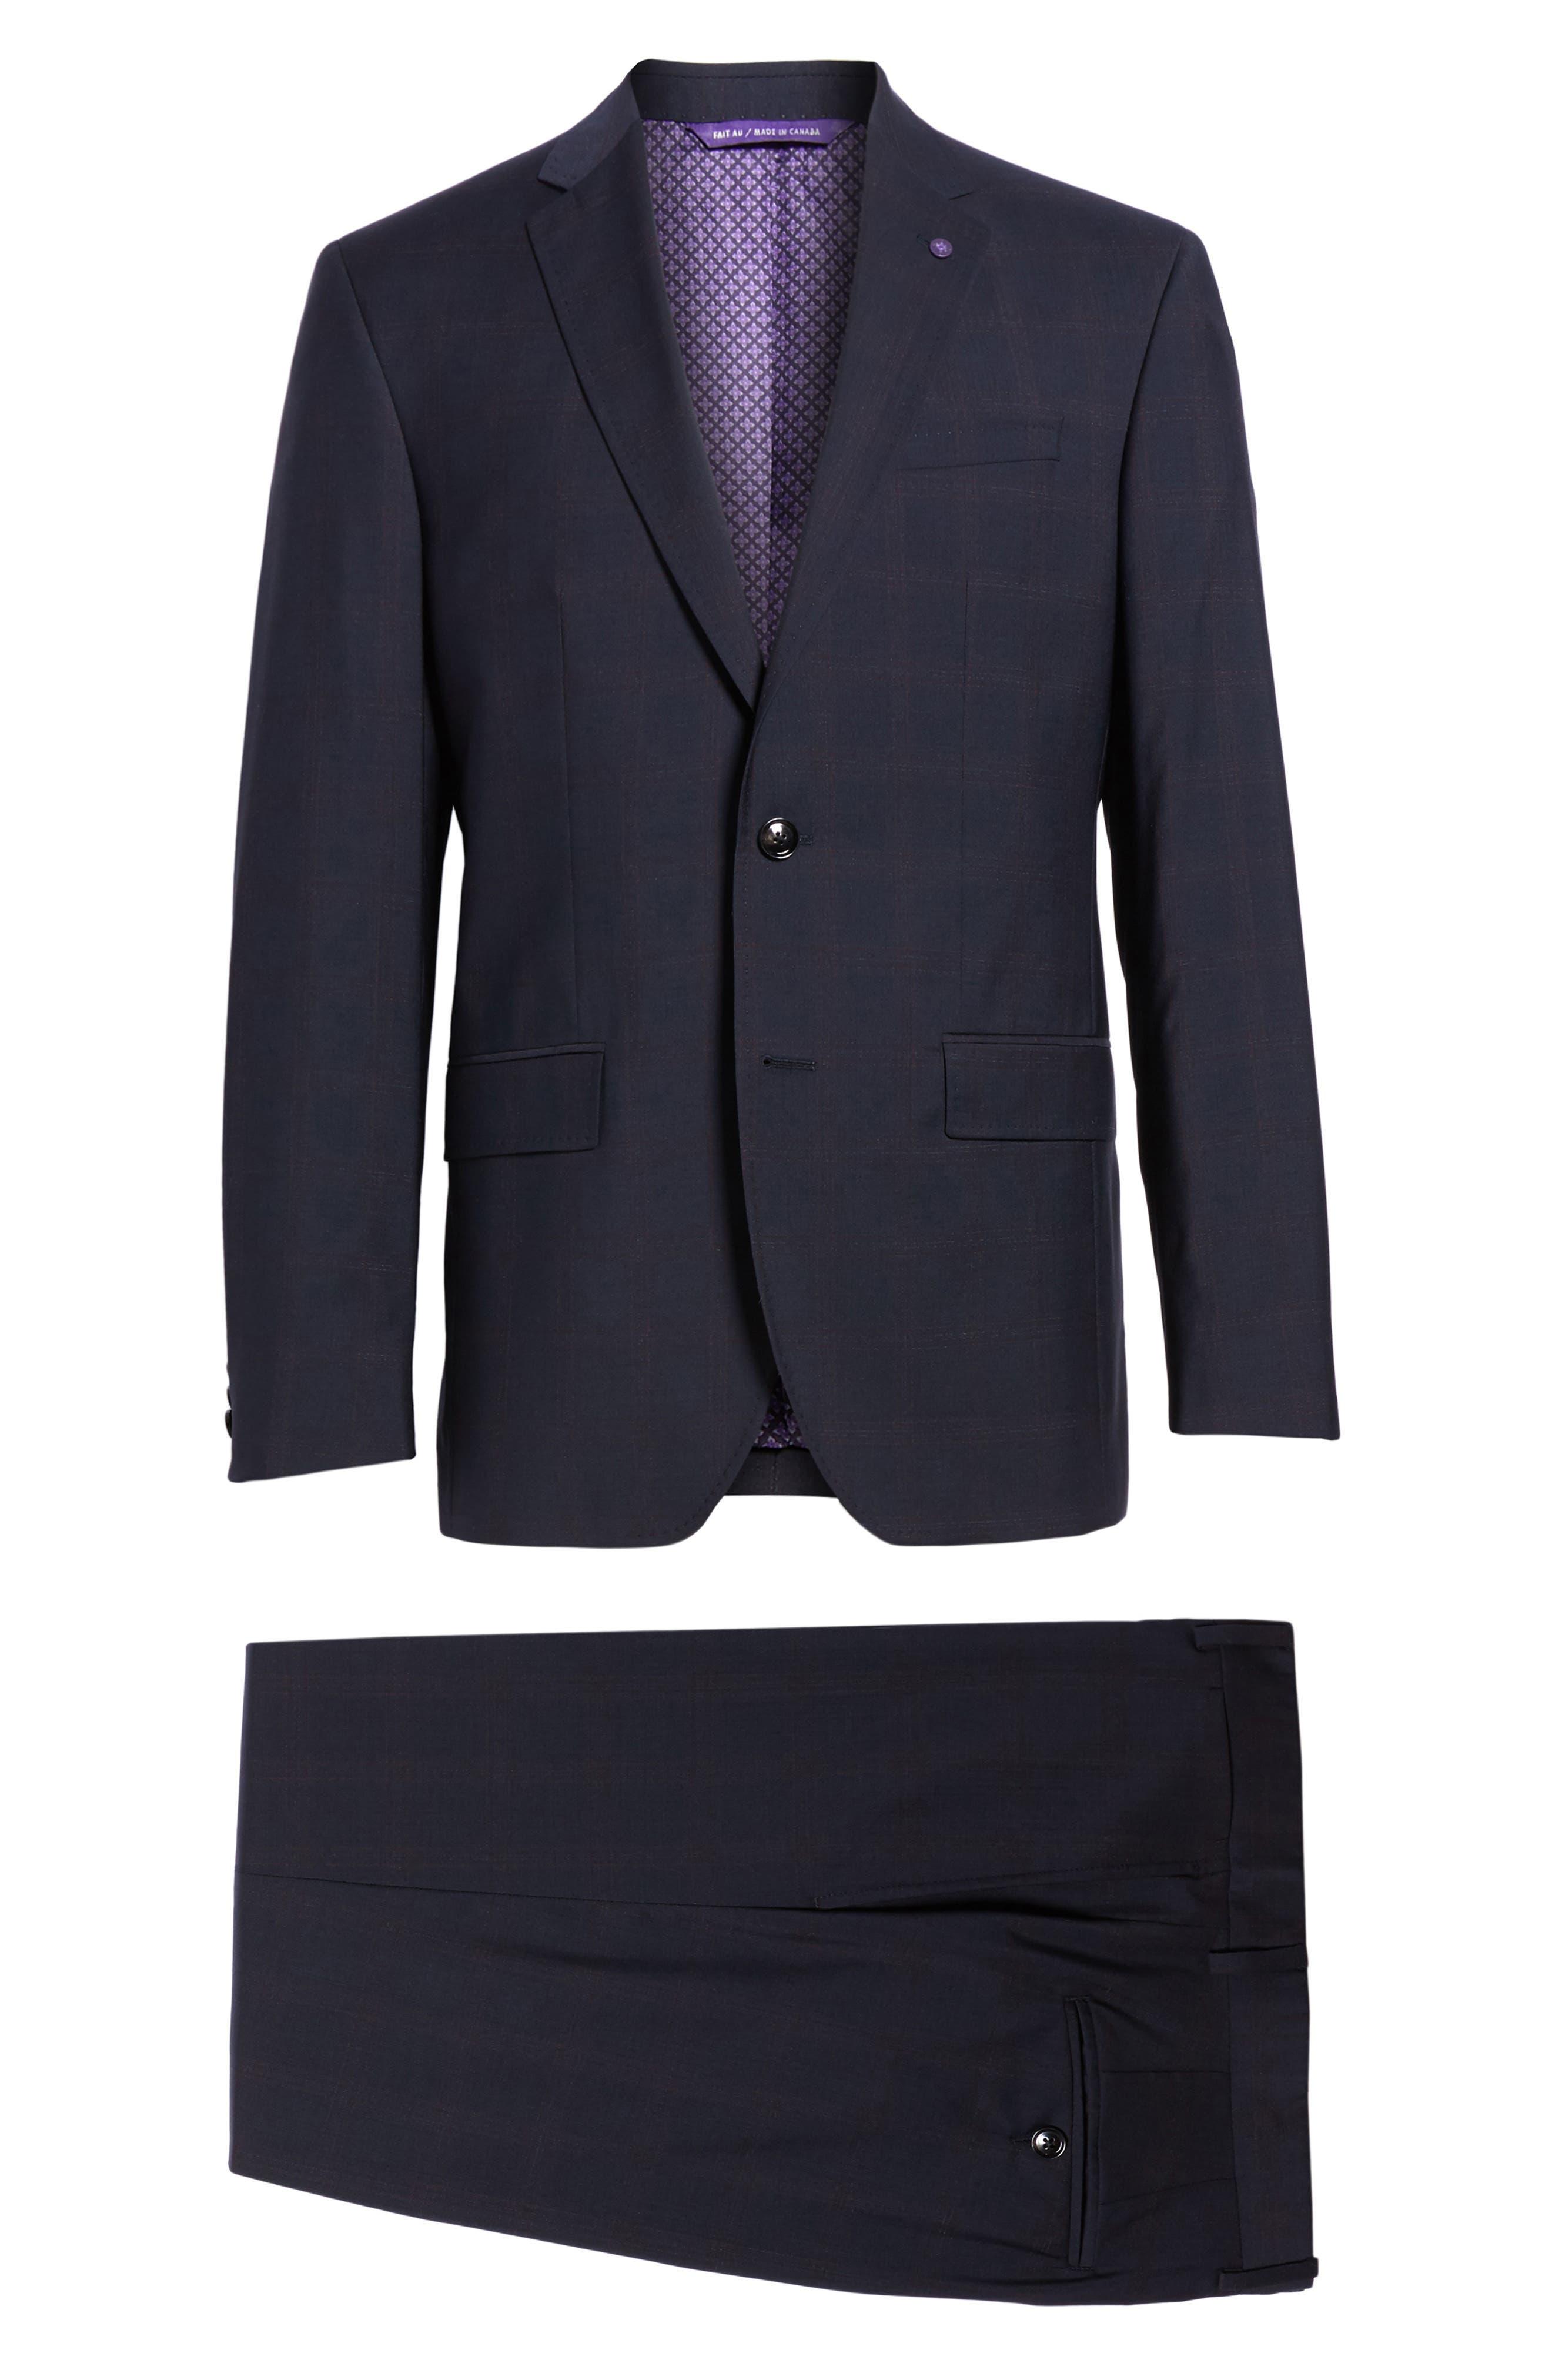 Jay Trim Fit Plaid Wool Suit,                             Alternate thumbnail 8, color,                             001